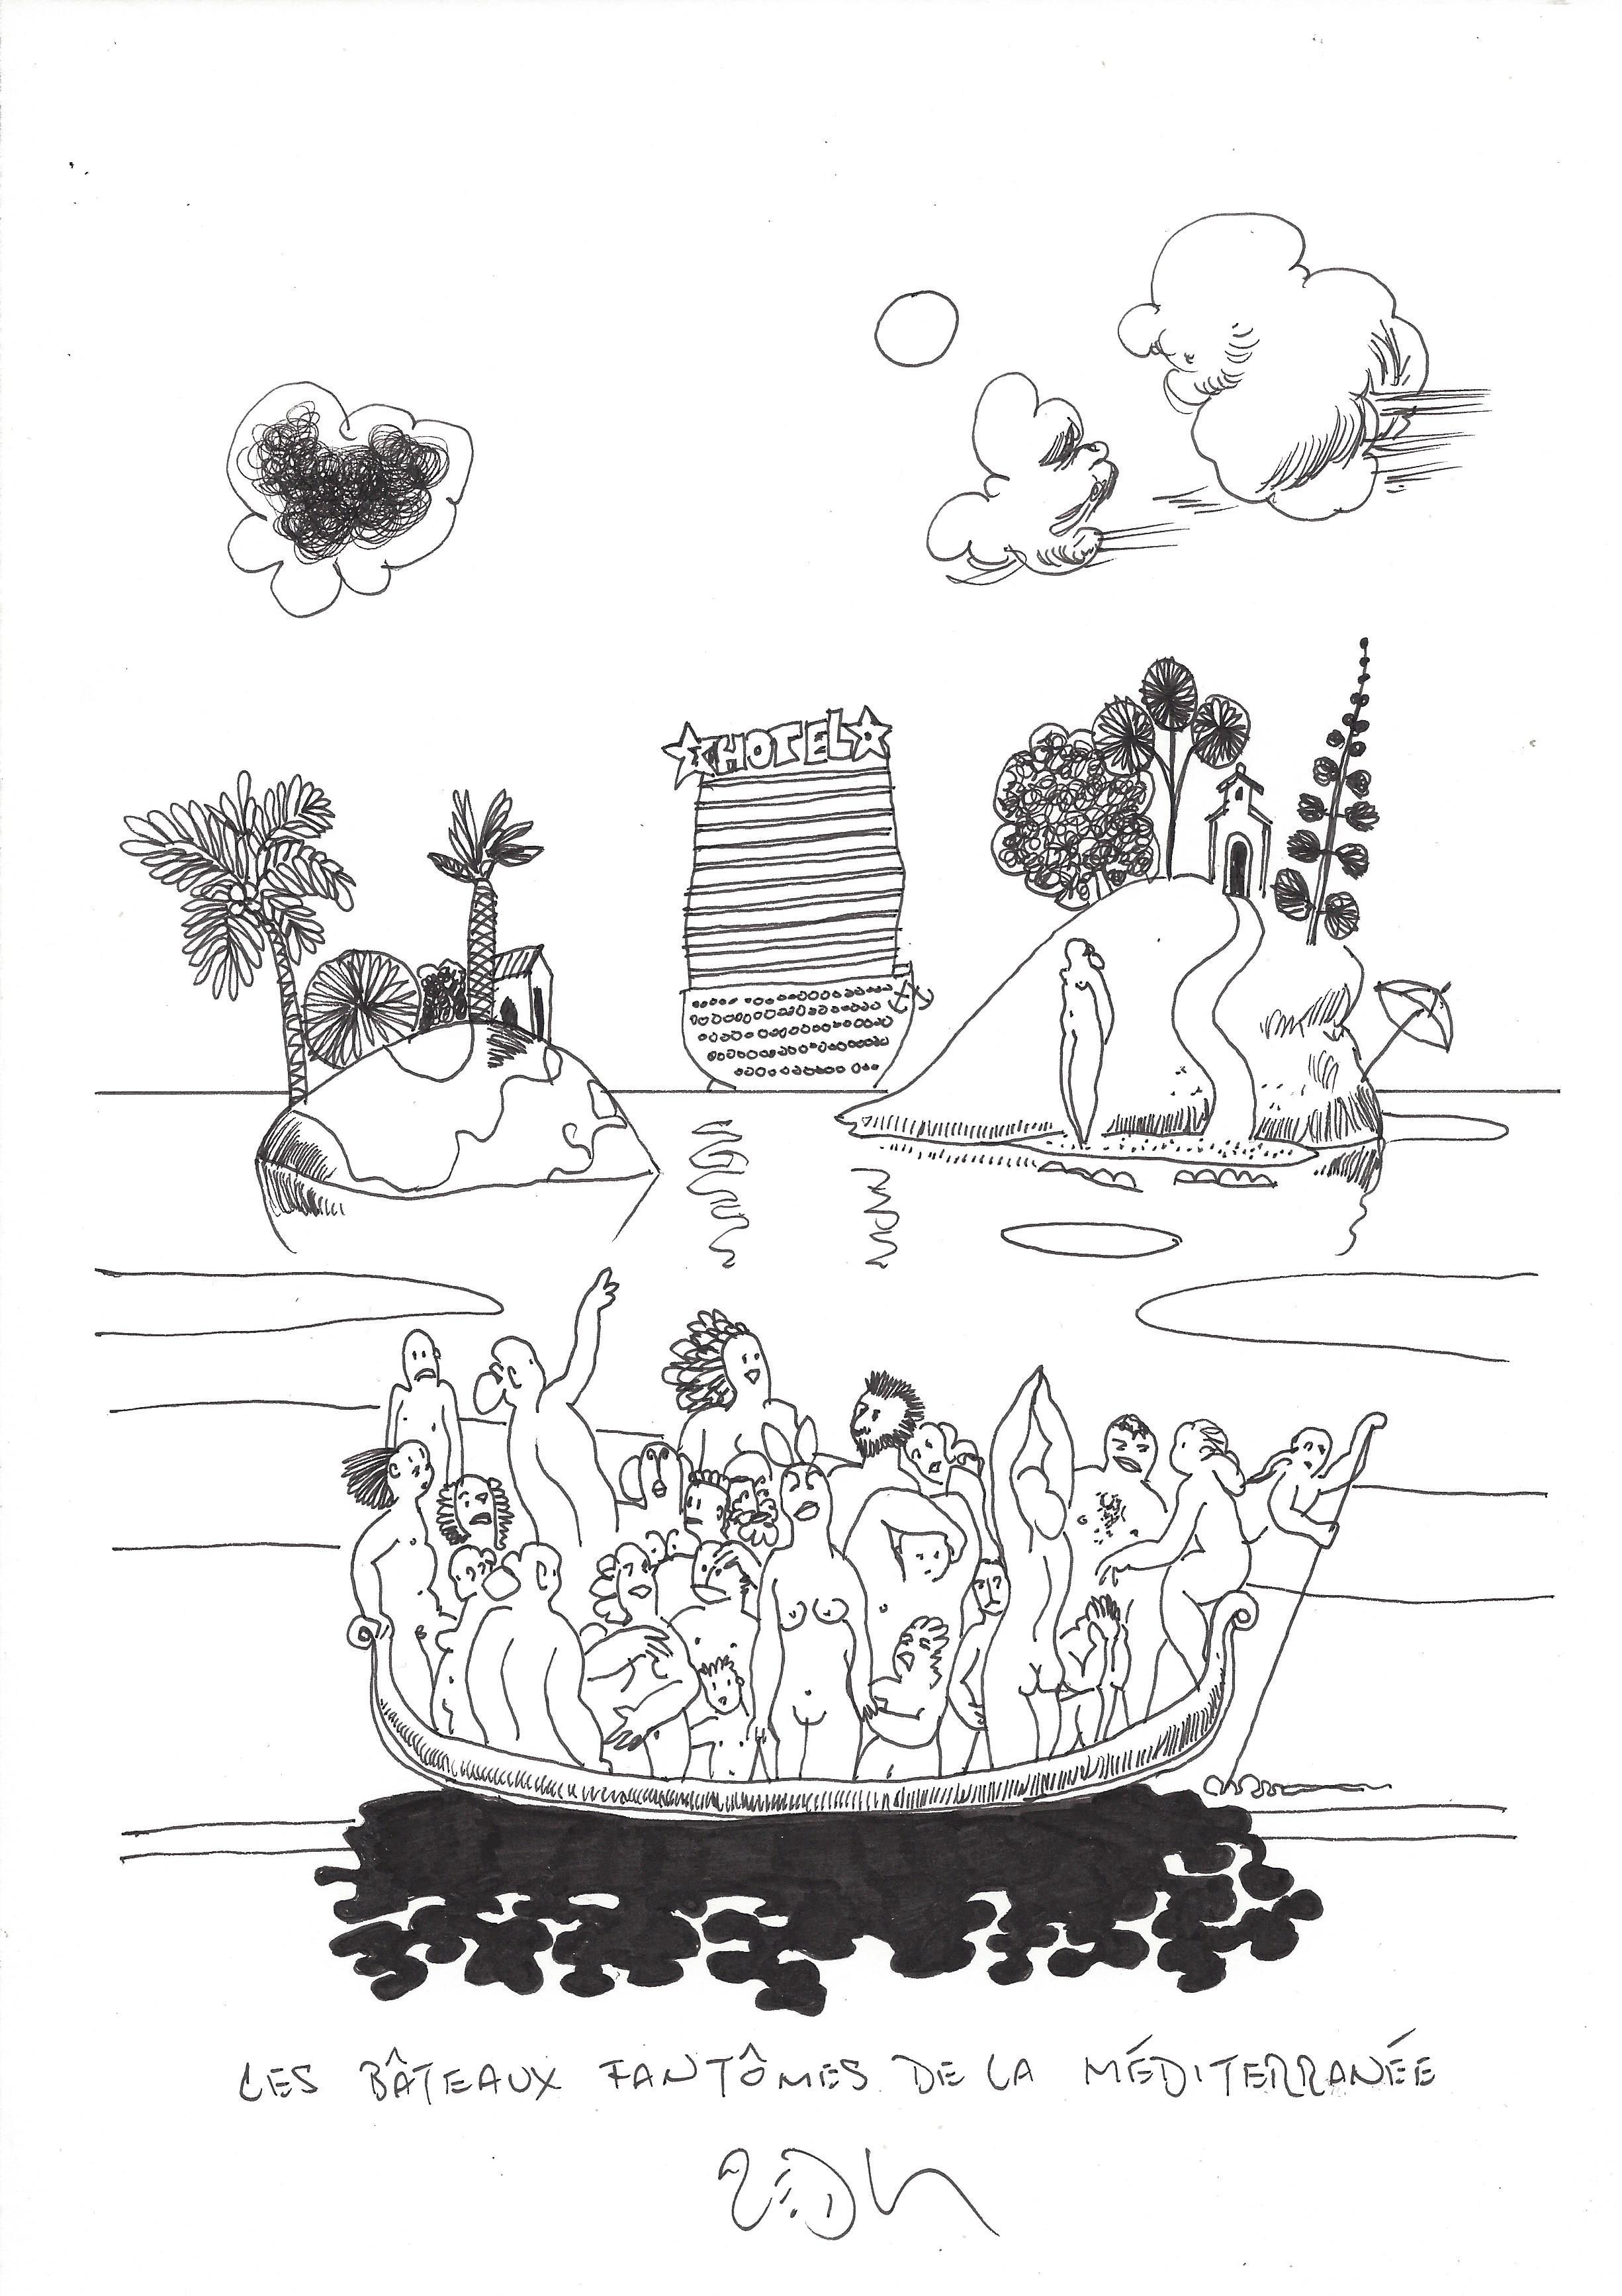 « Ghost ships of the Mediterranean – Les bâteaux fantômes de la Méditerranée »